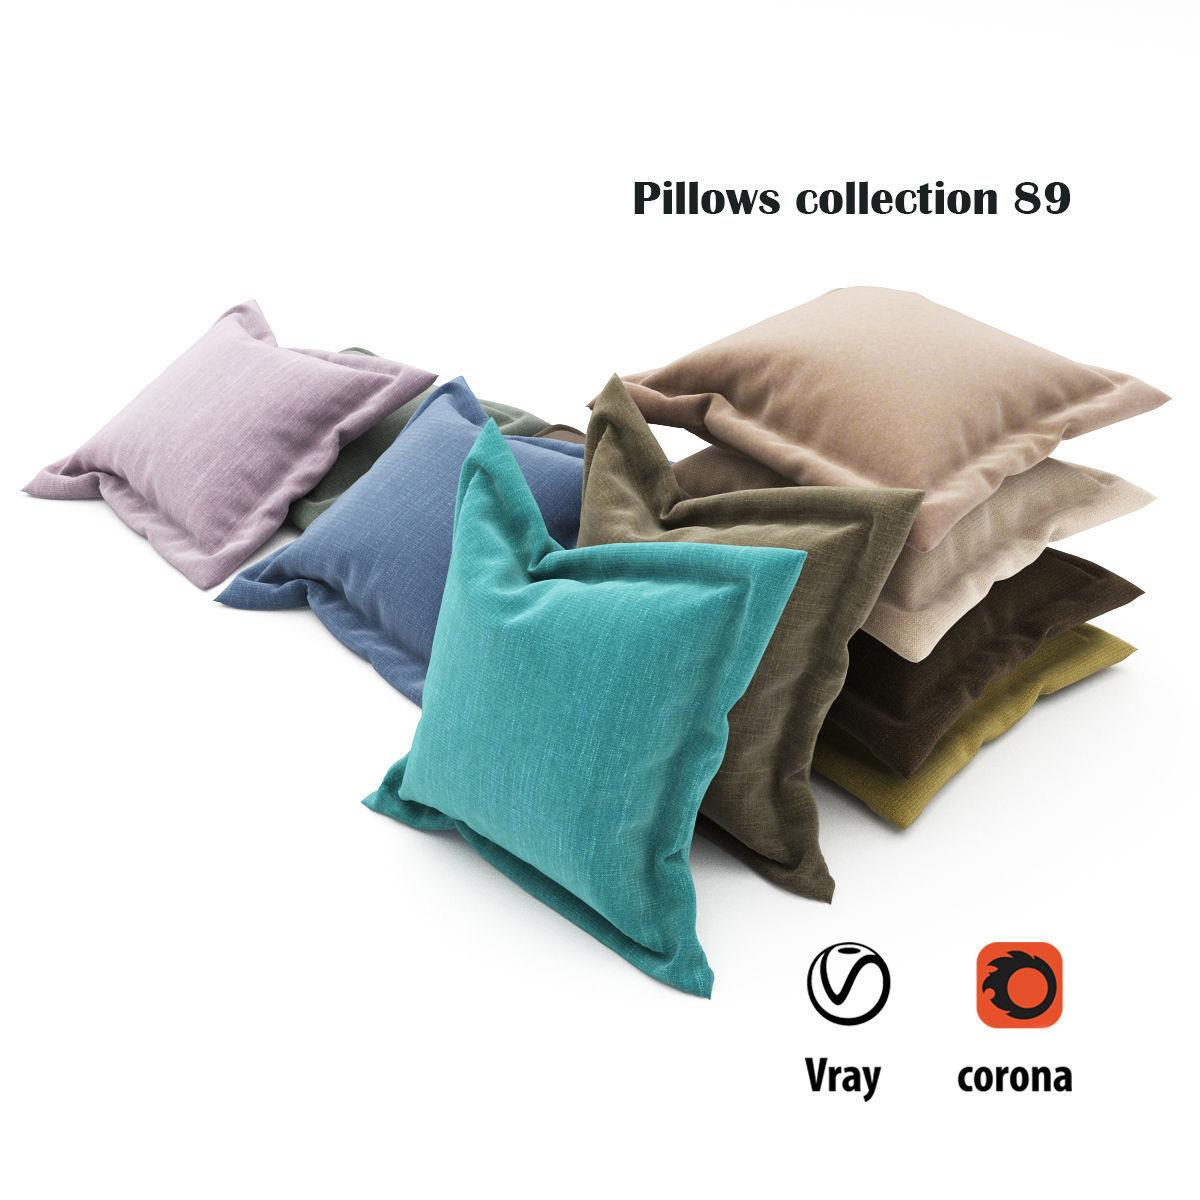 Pillows collection 89